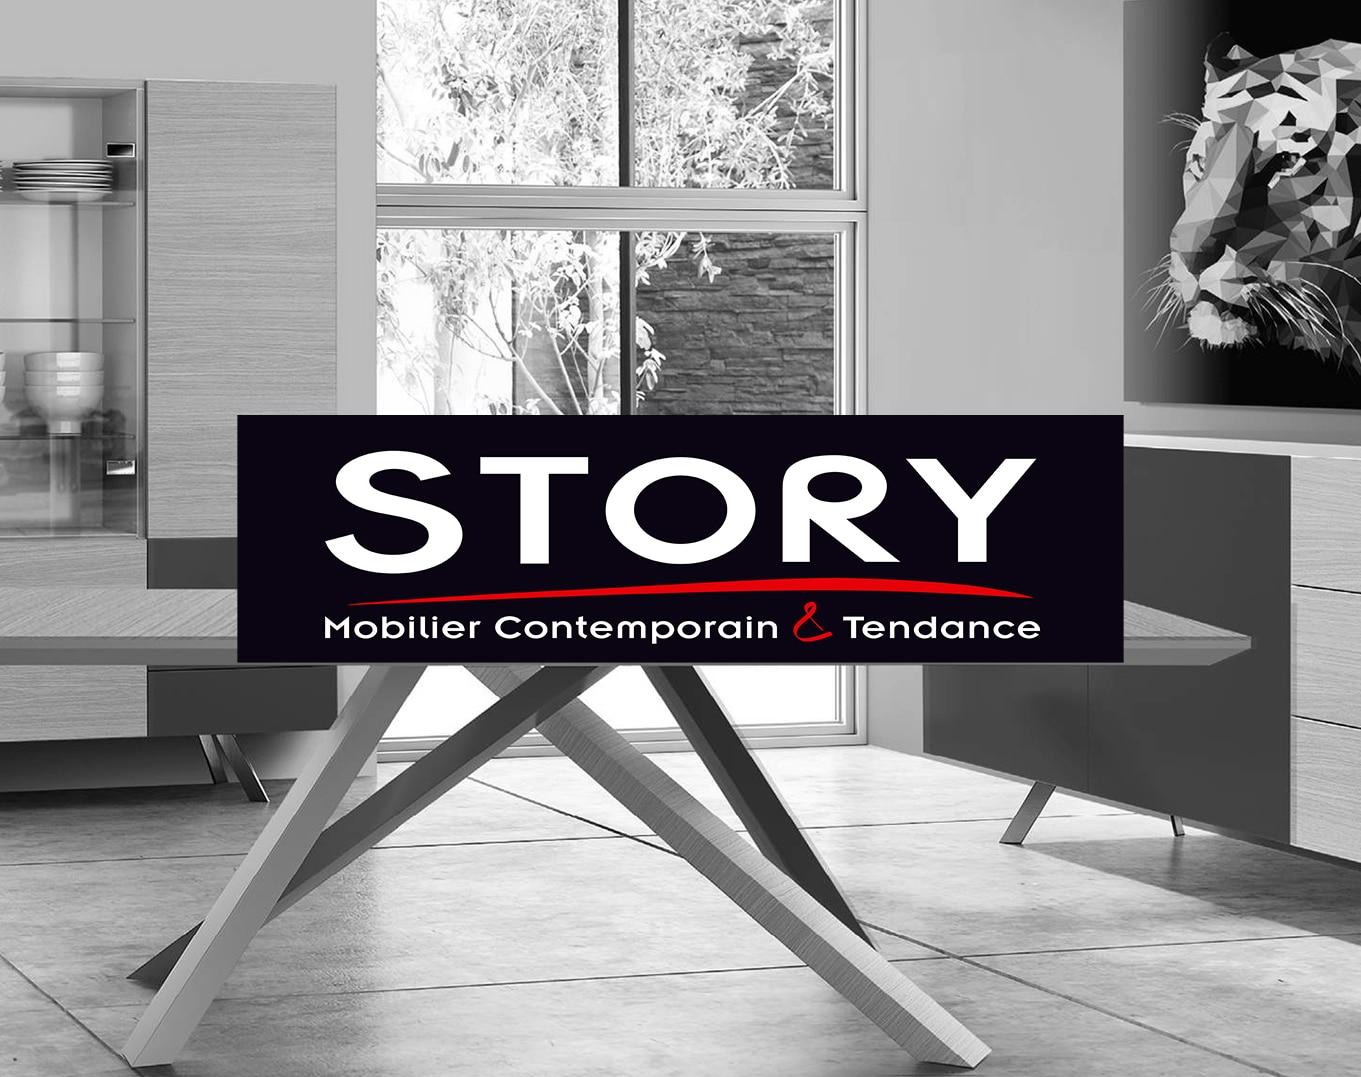 STORY mobilier contemporain et tendance chez Infiny Home